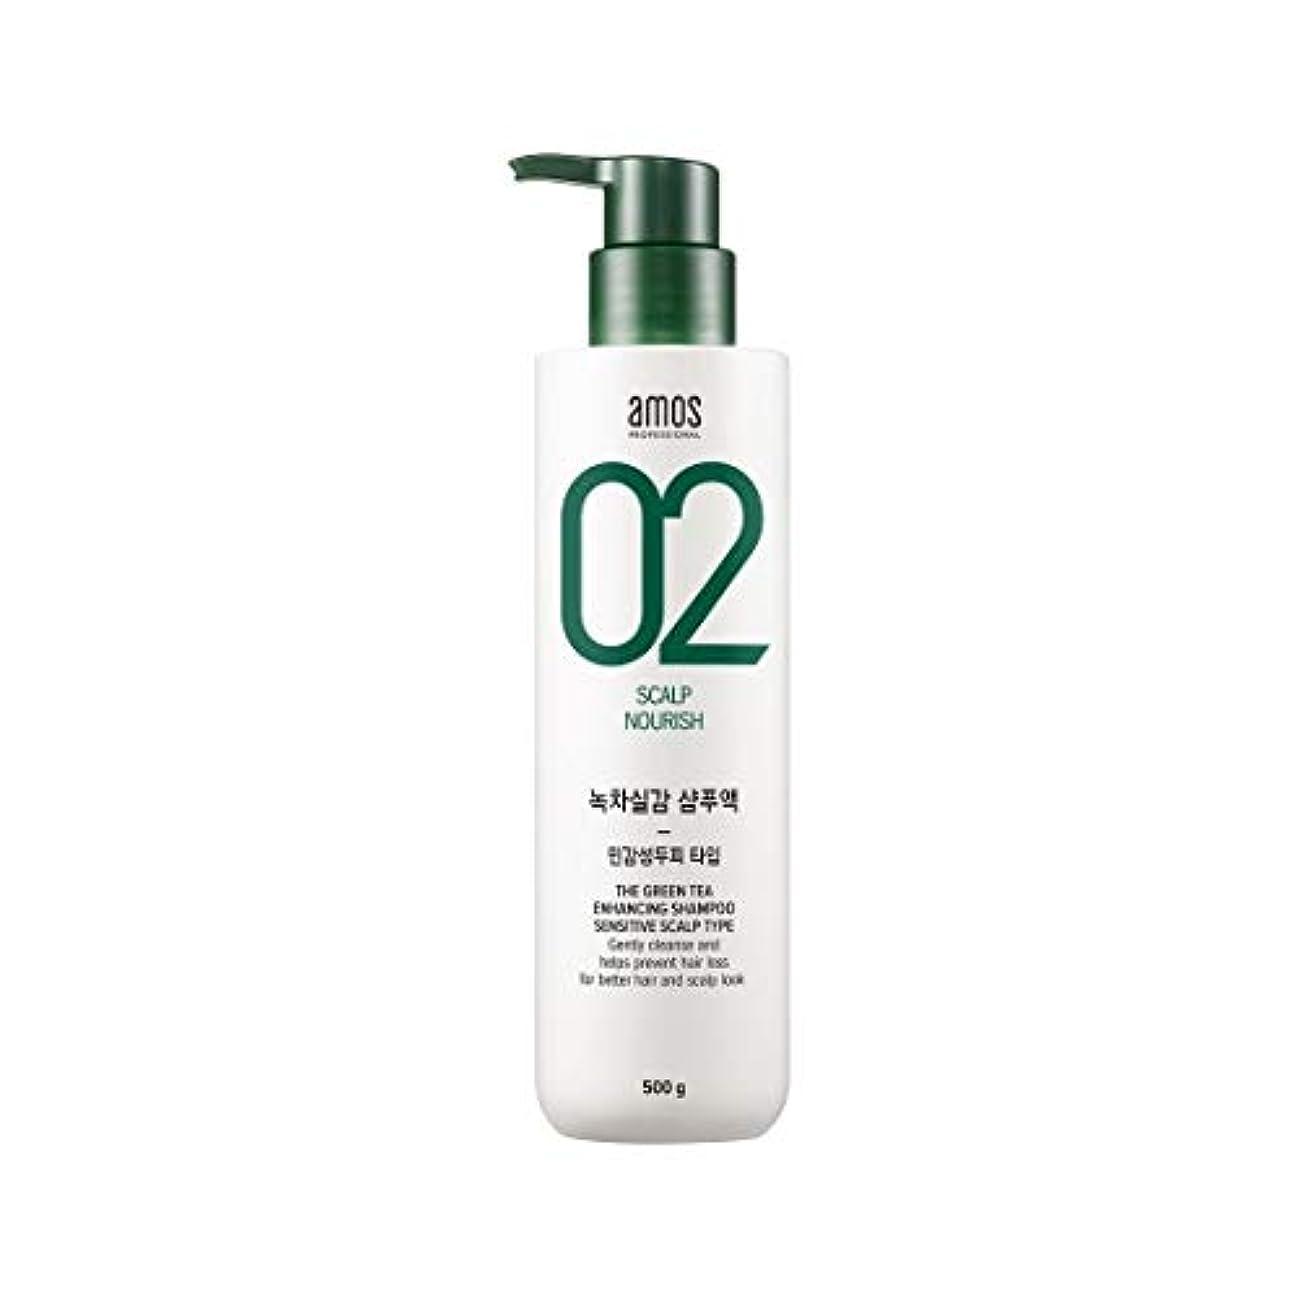 リスナー理容室倍率Amos Green Tea Enhancing Shampoo -Sensitive 500g / アモス ザ グリーンティー エンハンシング シャンプー # センシンティブ スカルプタイプ [並行輸入品]